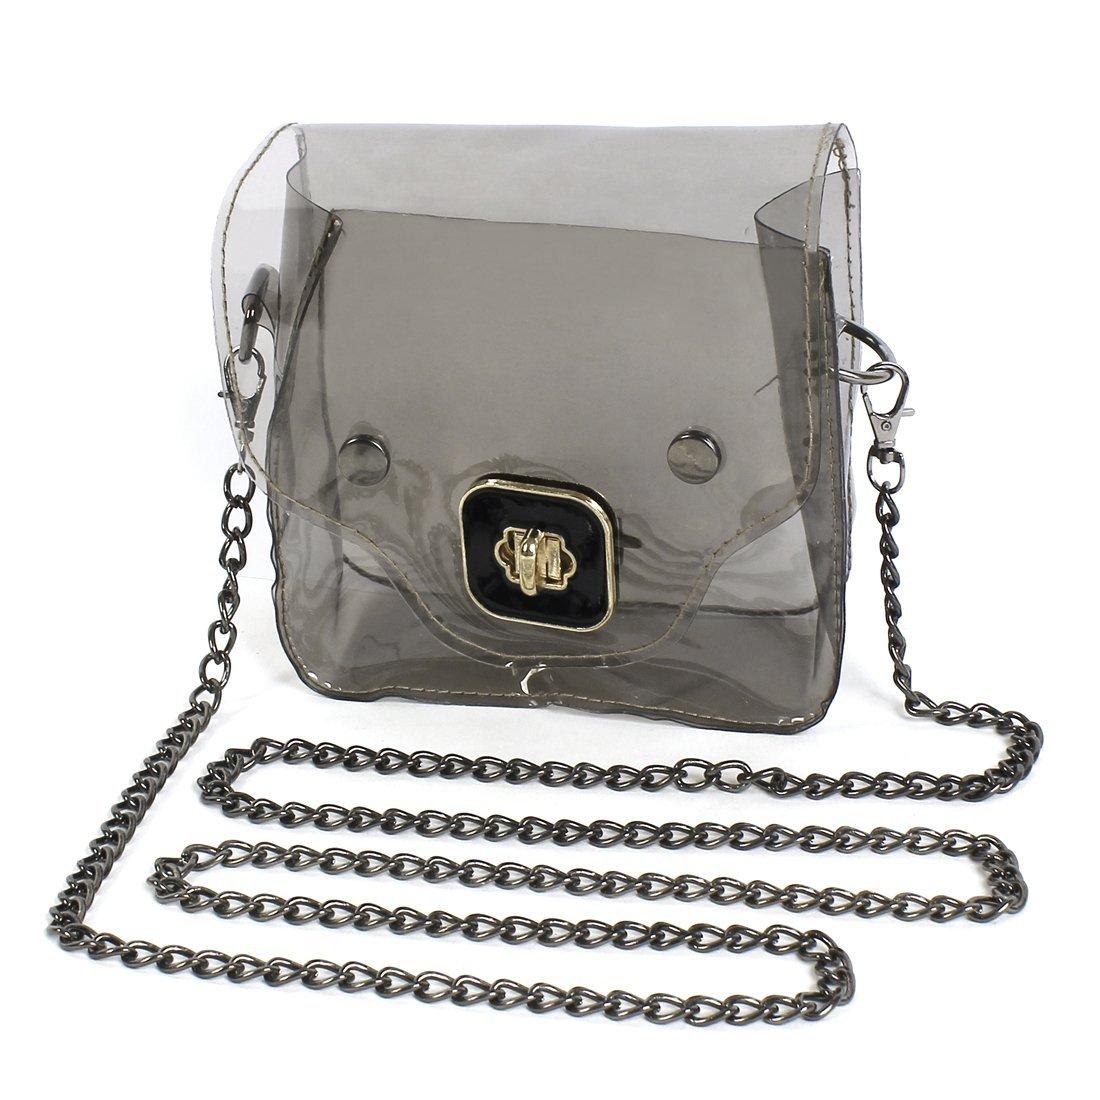 5) TEXU/Новый Желе Прозрачная Сумка женская обувь; маленькие Чиан Сумка модных магазинов притон сумки